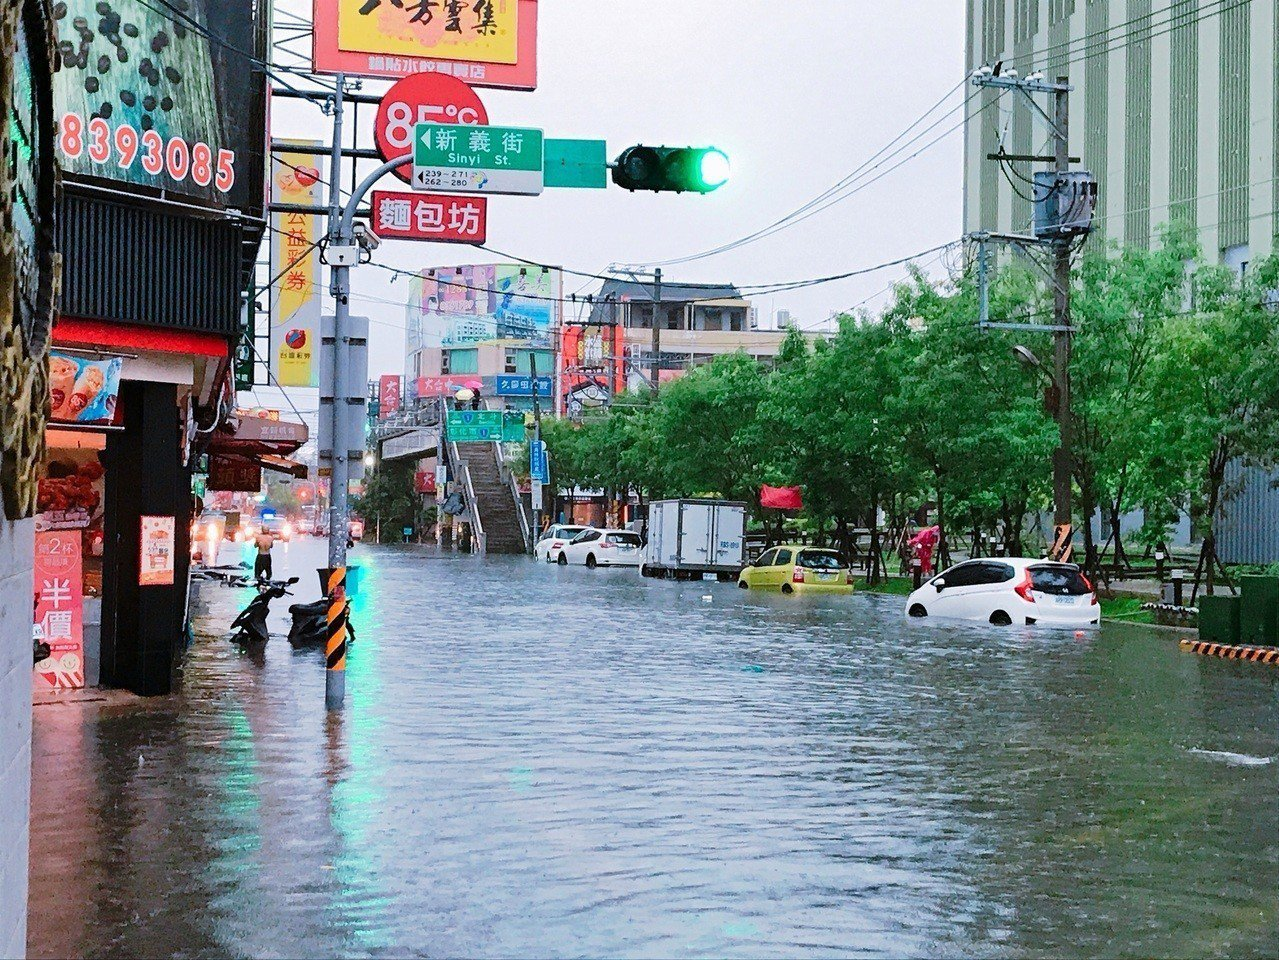 雨彈來襲,員林市西區街道淹水嚴重。記者何烱榮/攝影